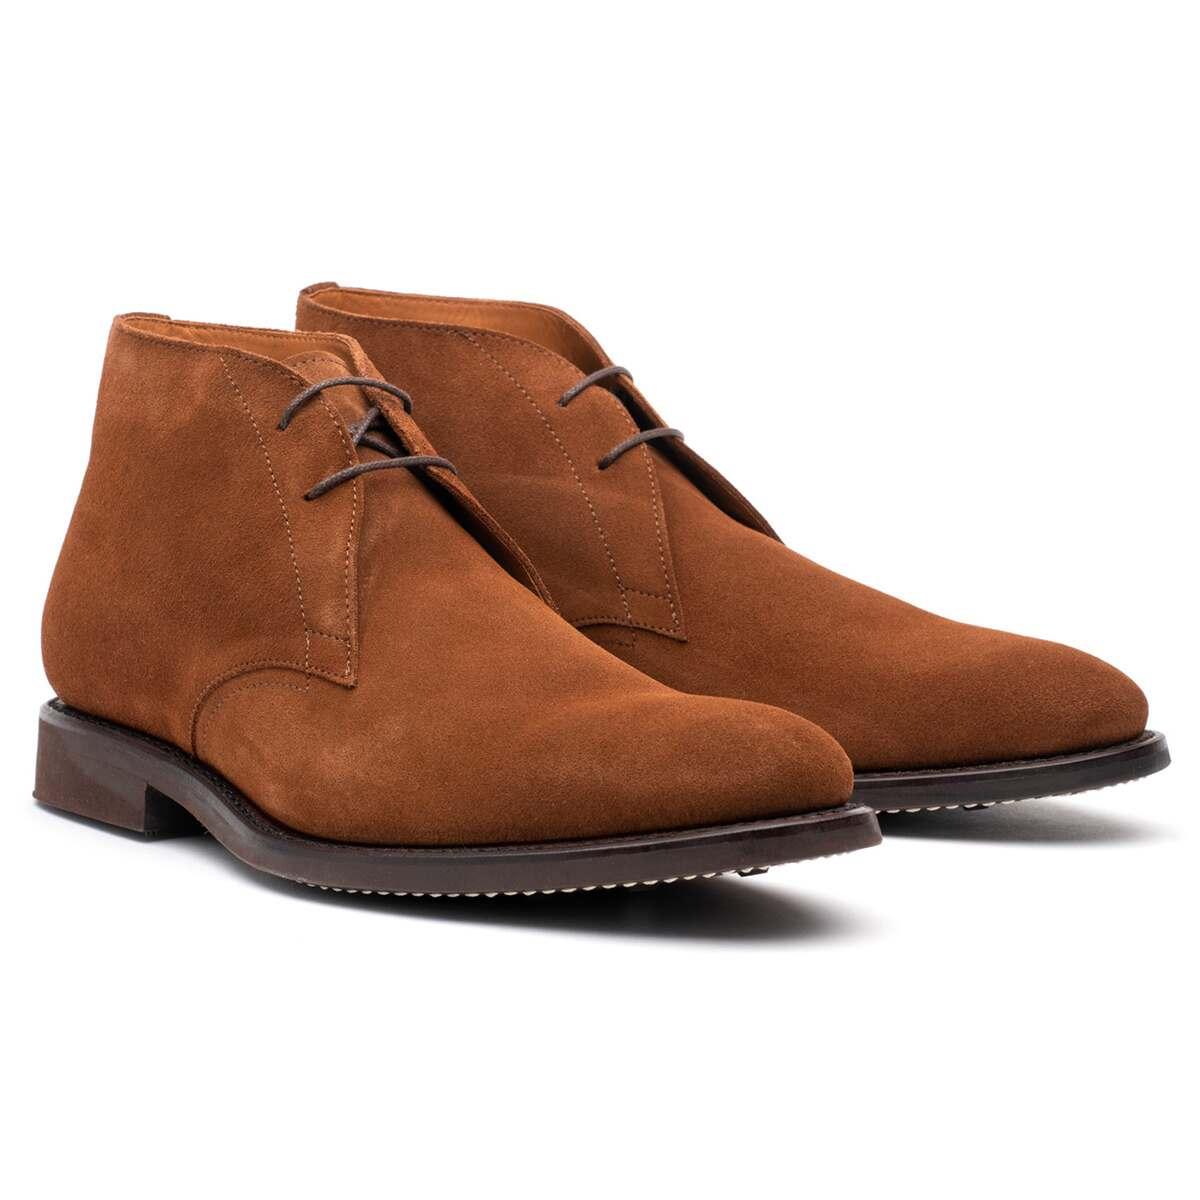 Spier & Mackay - Shoe Flash Sale!